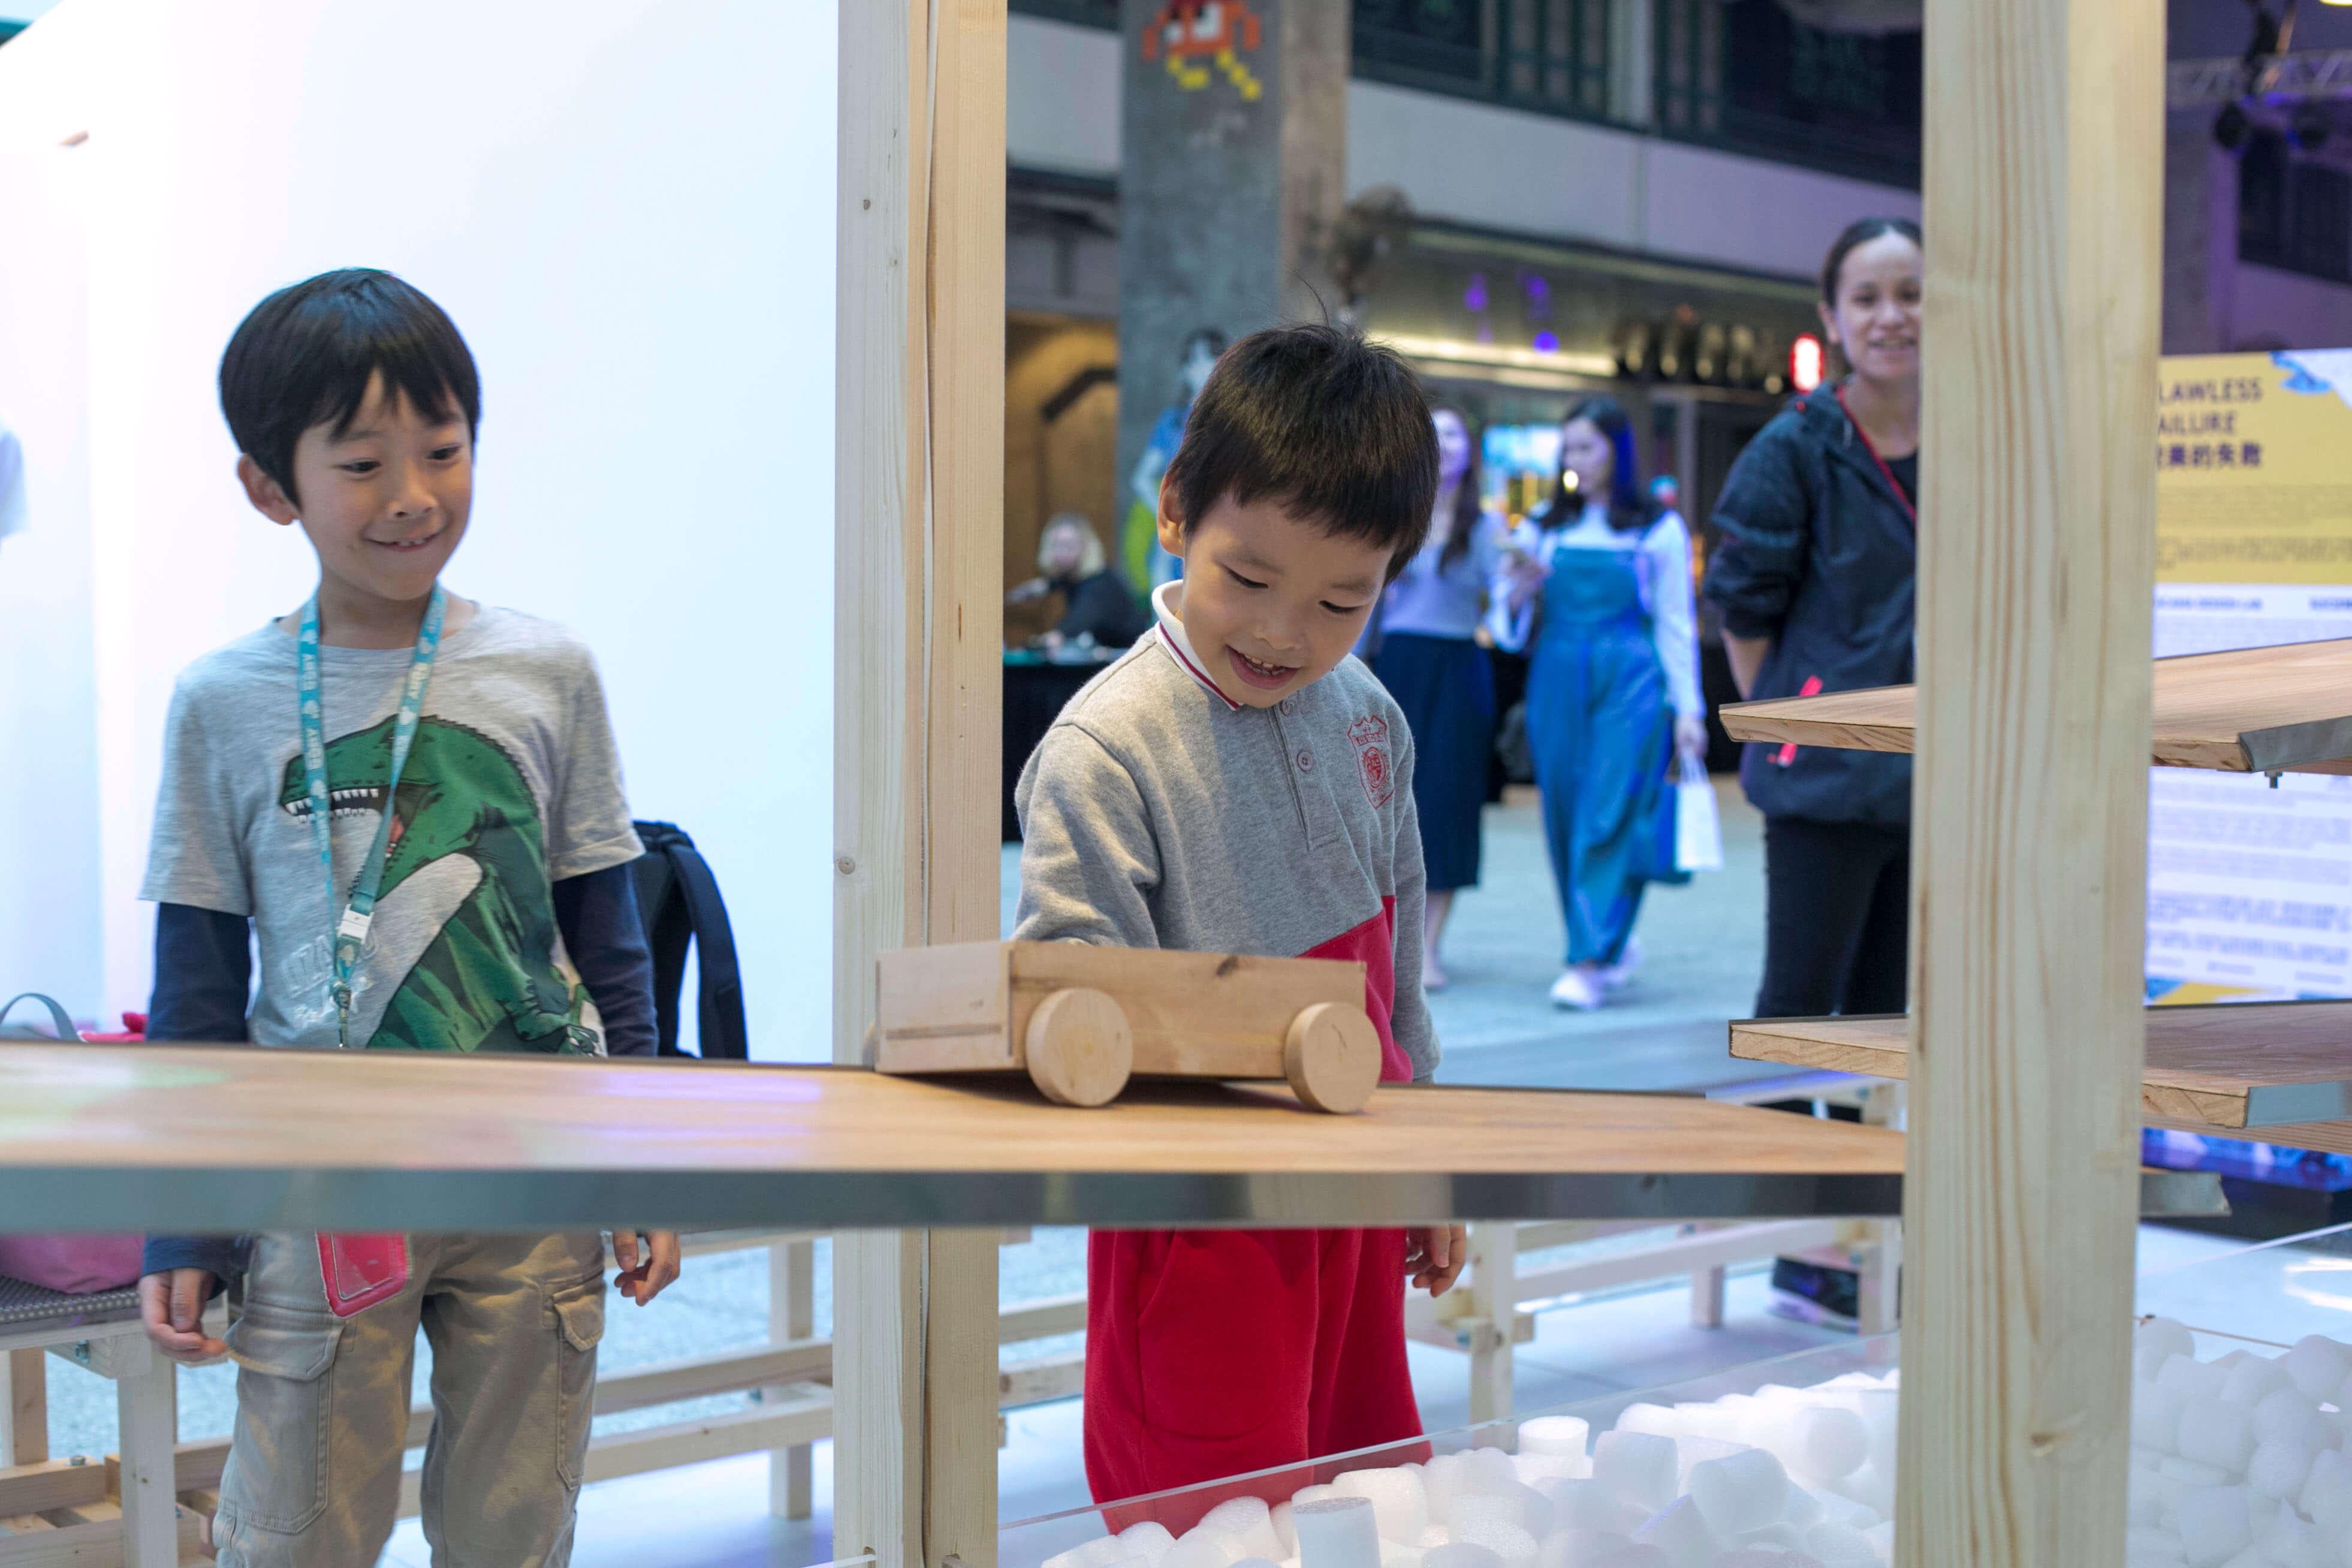 人人也喜歡玩遊戲,小朋友看到木頭卡車更是愛不釋手。